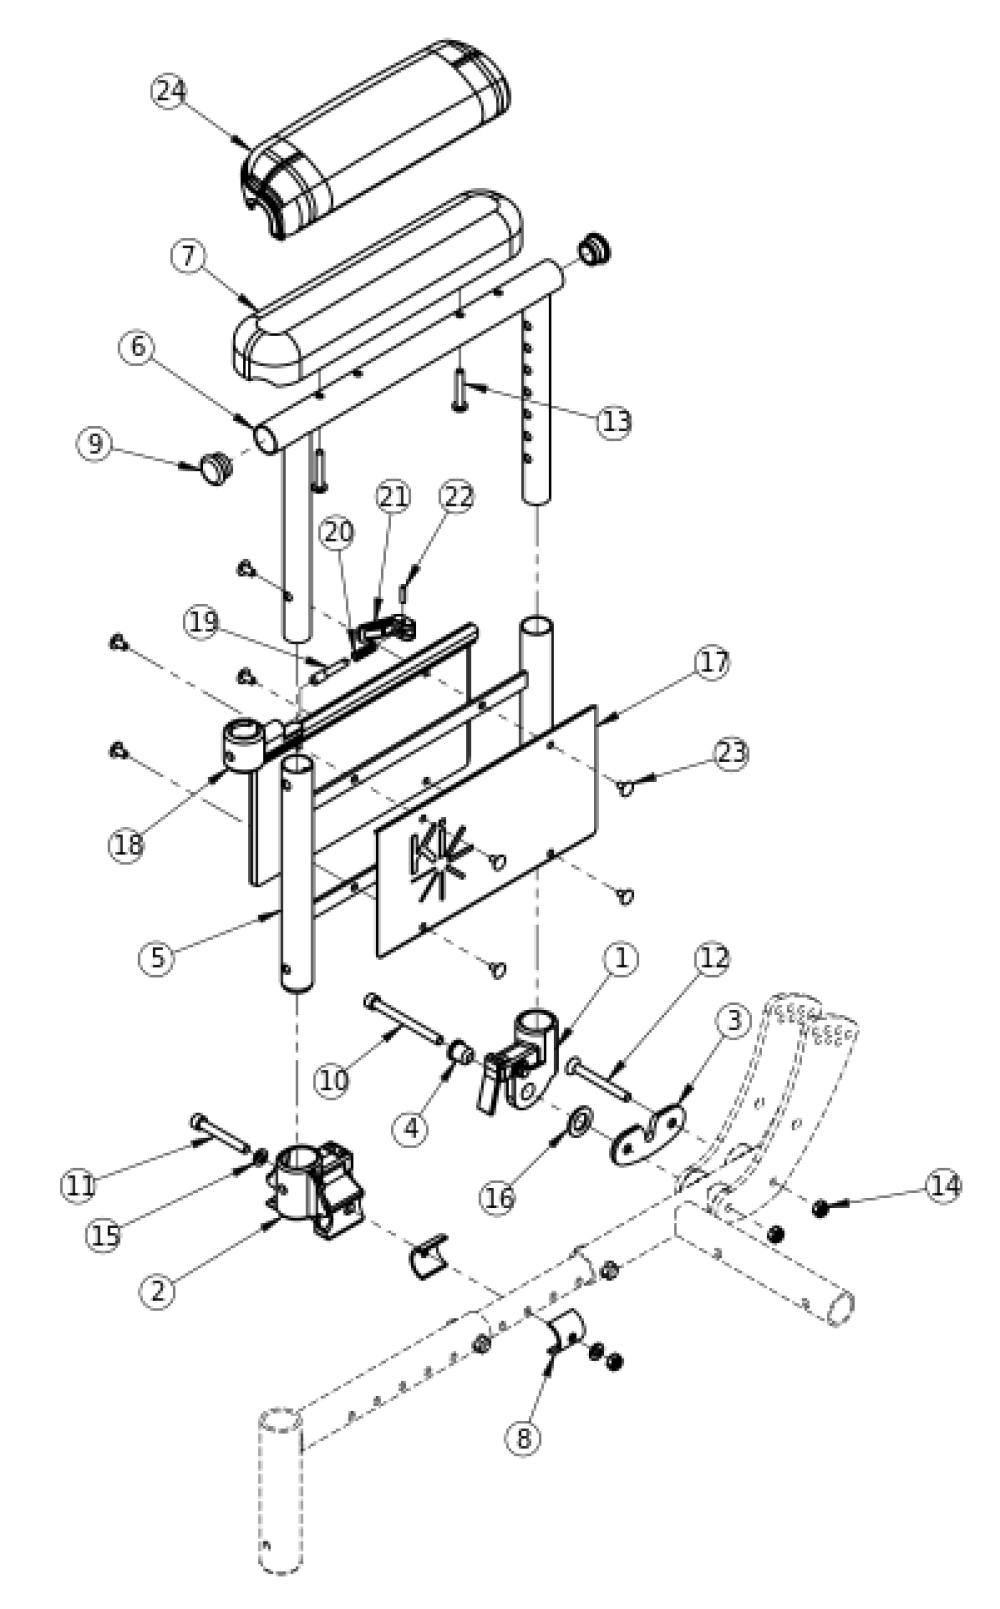 Focus Cr Dual Post Armrest parts diagram